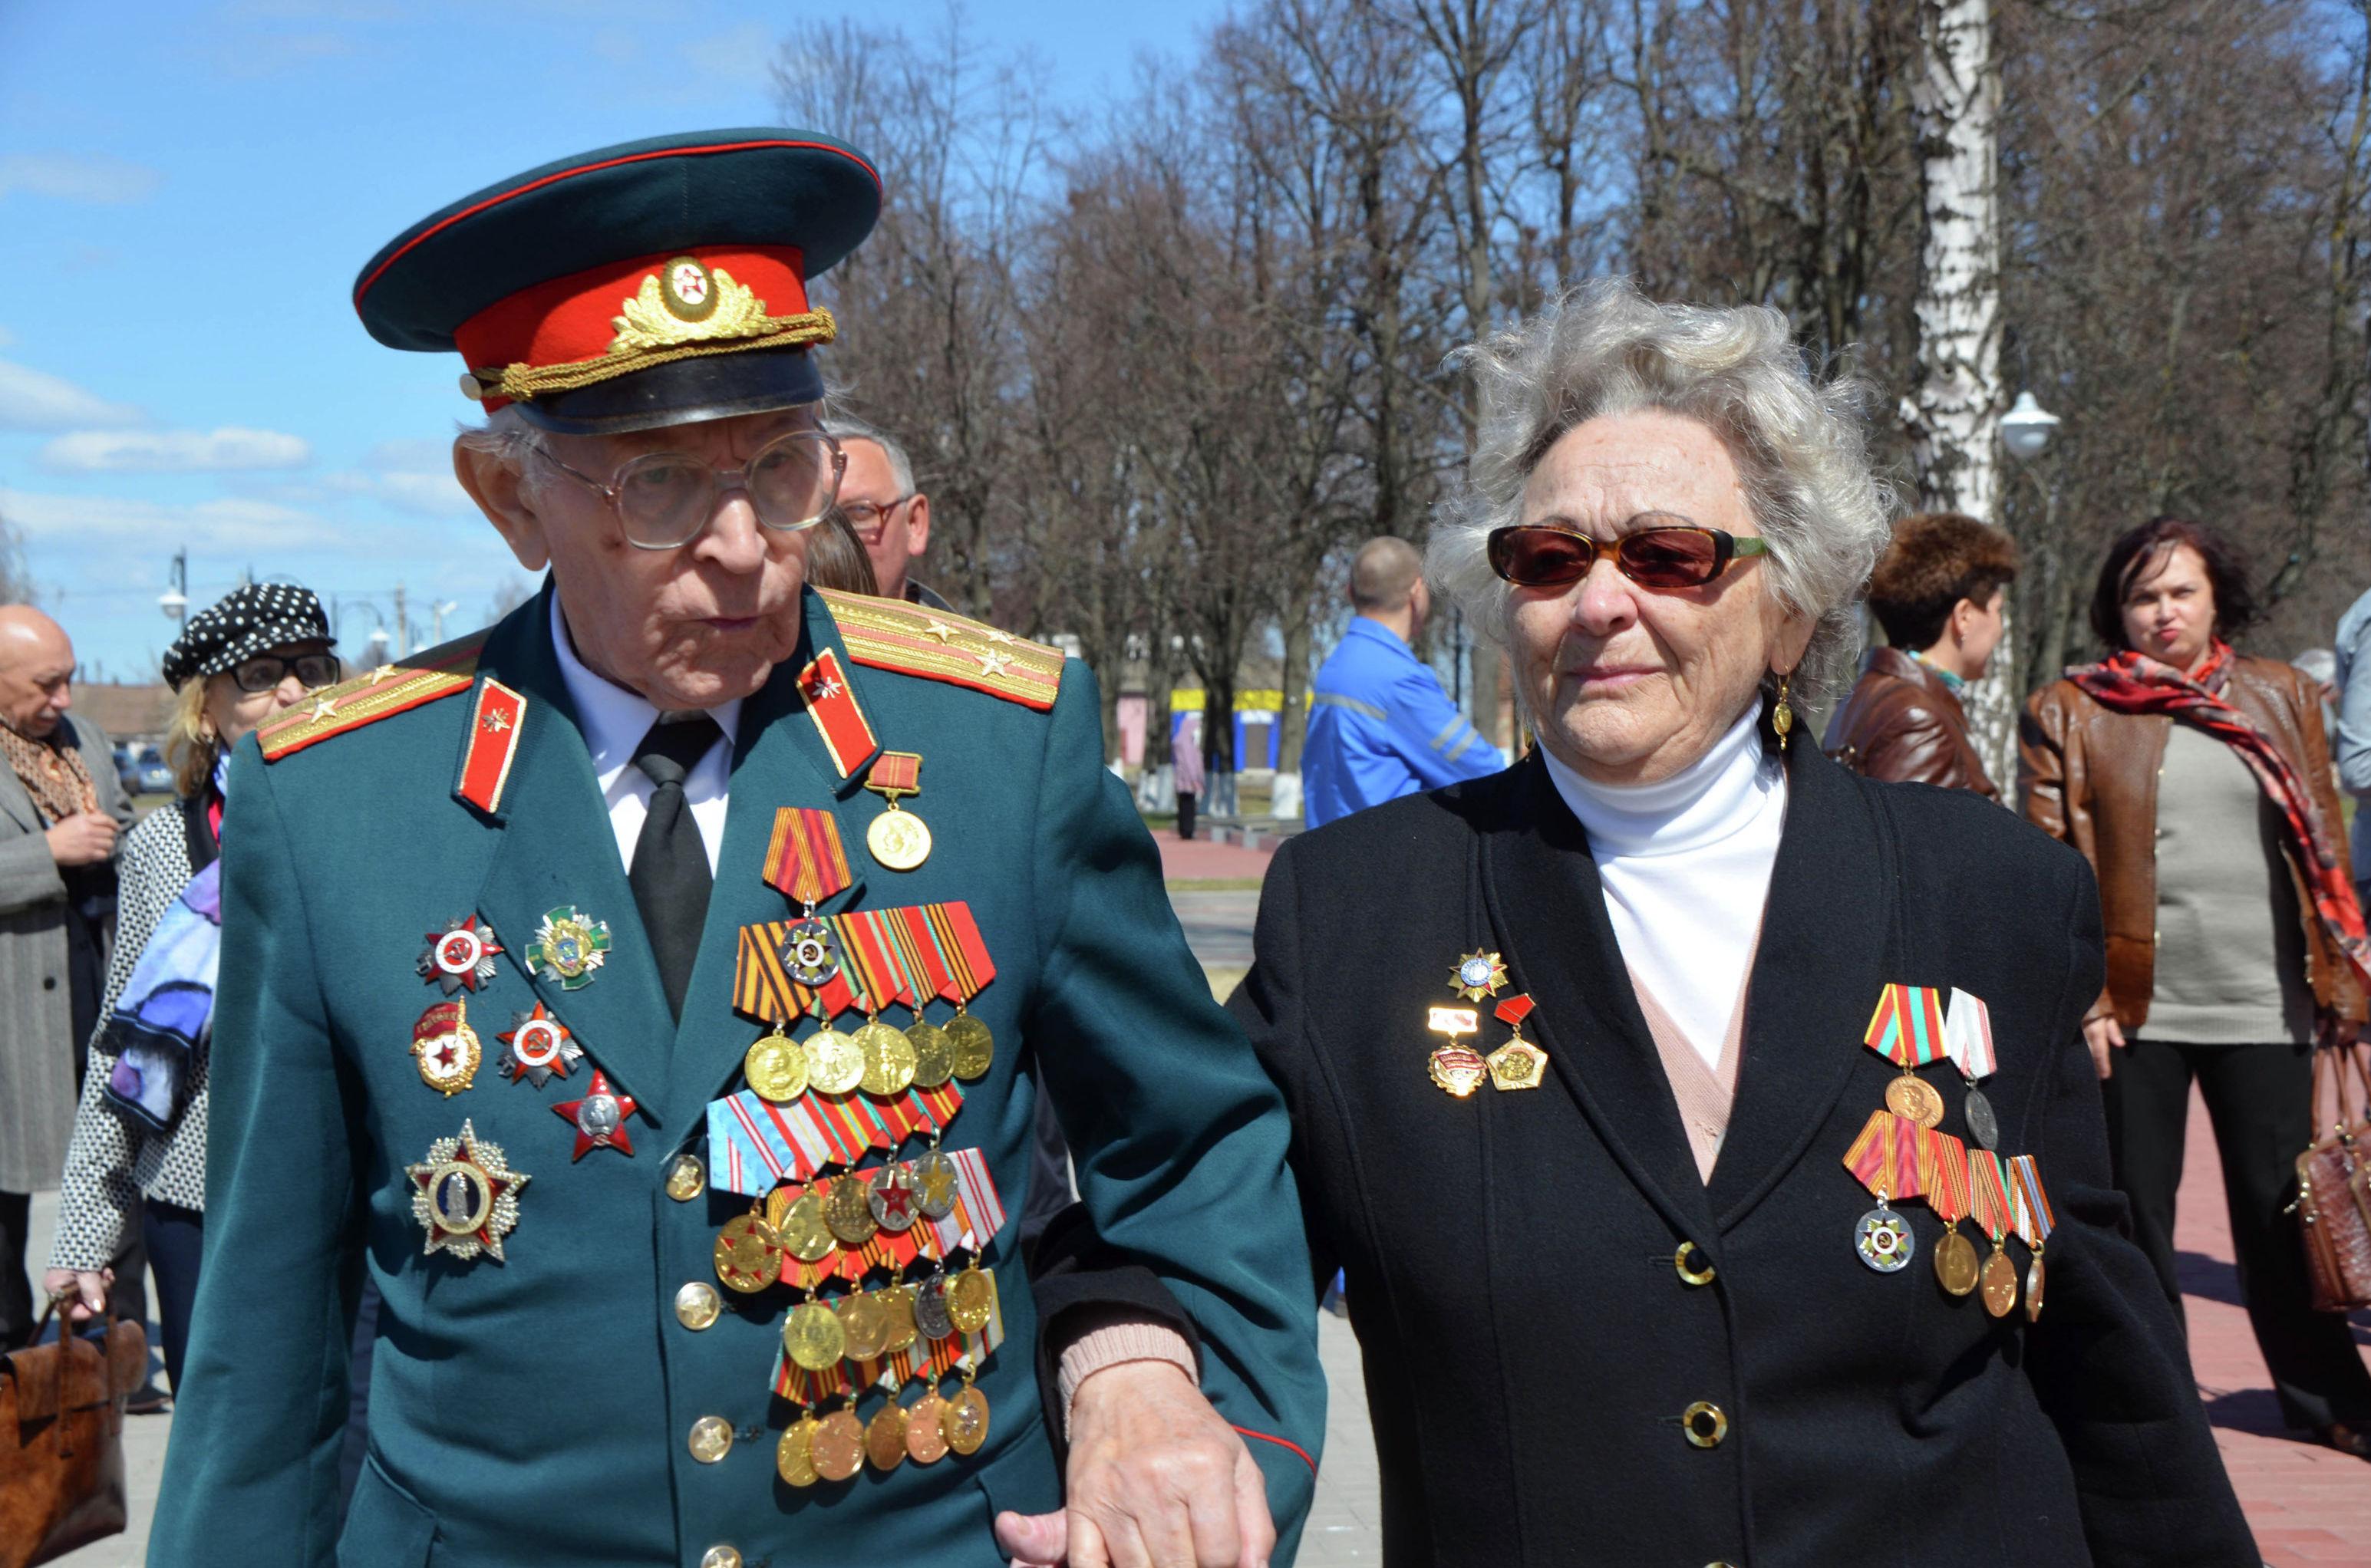 Ветеран ВОВ Котельников Петр, который в 15 лет защищал Брестскую крепость